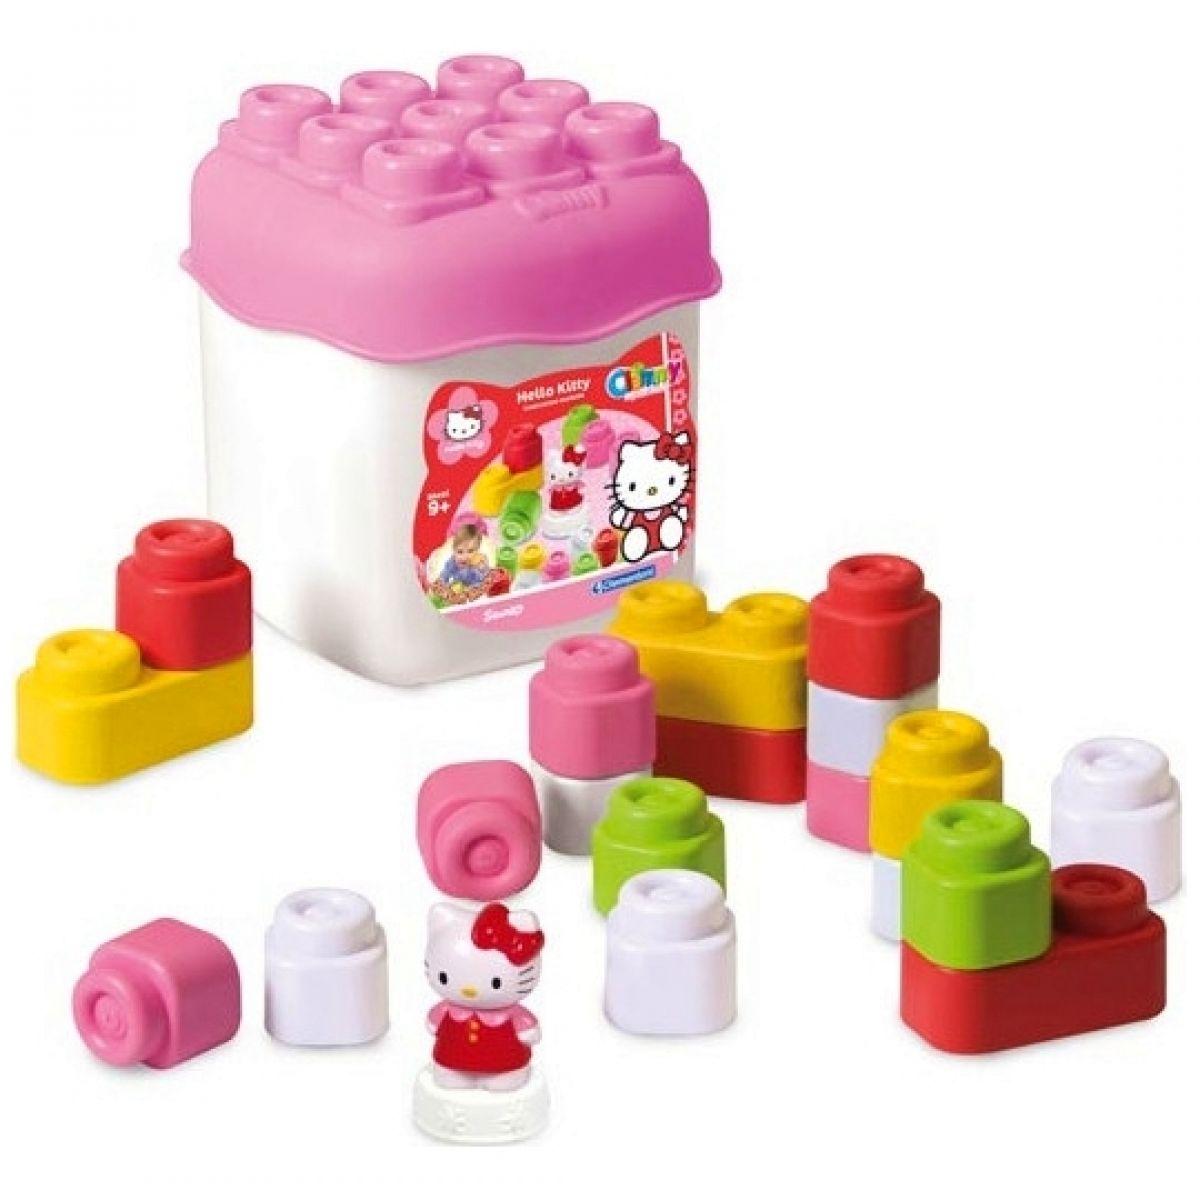 Clemmy 16 barevných kostek v kyblíku Hello Kitty